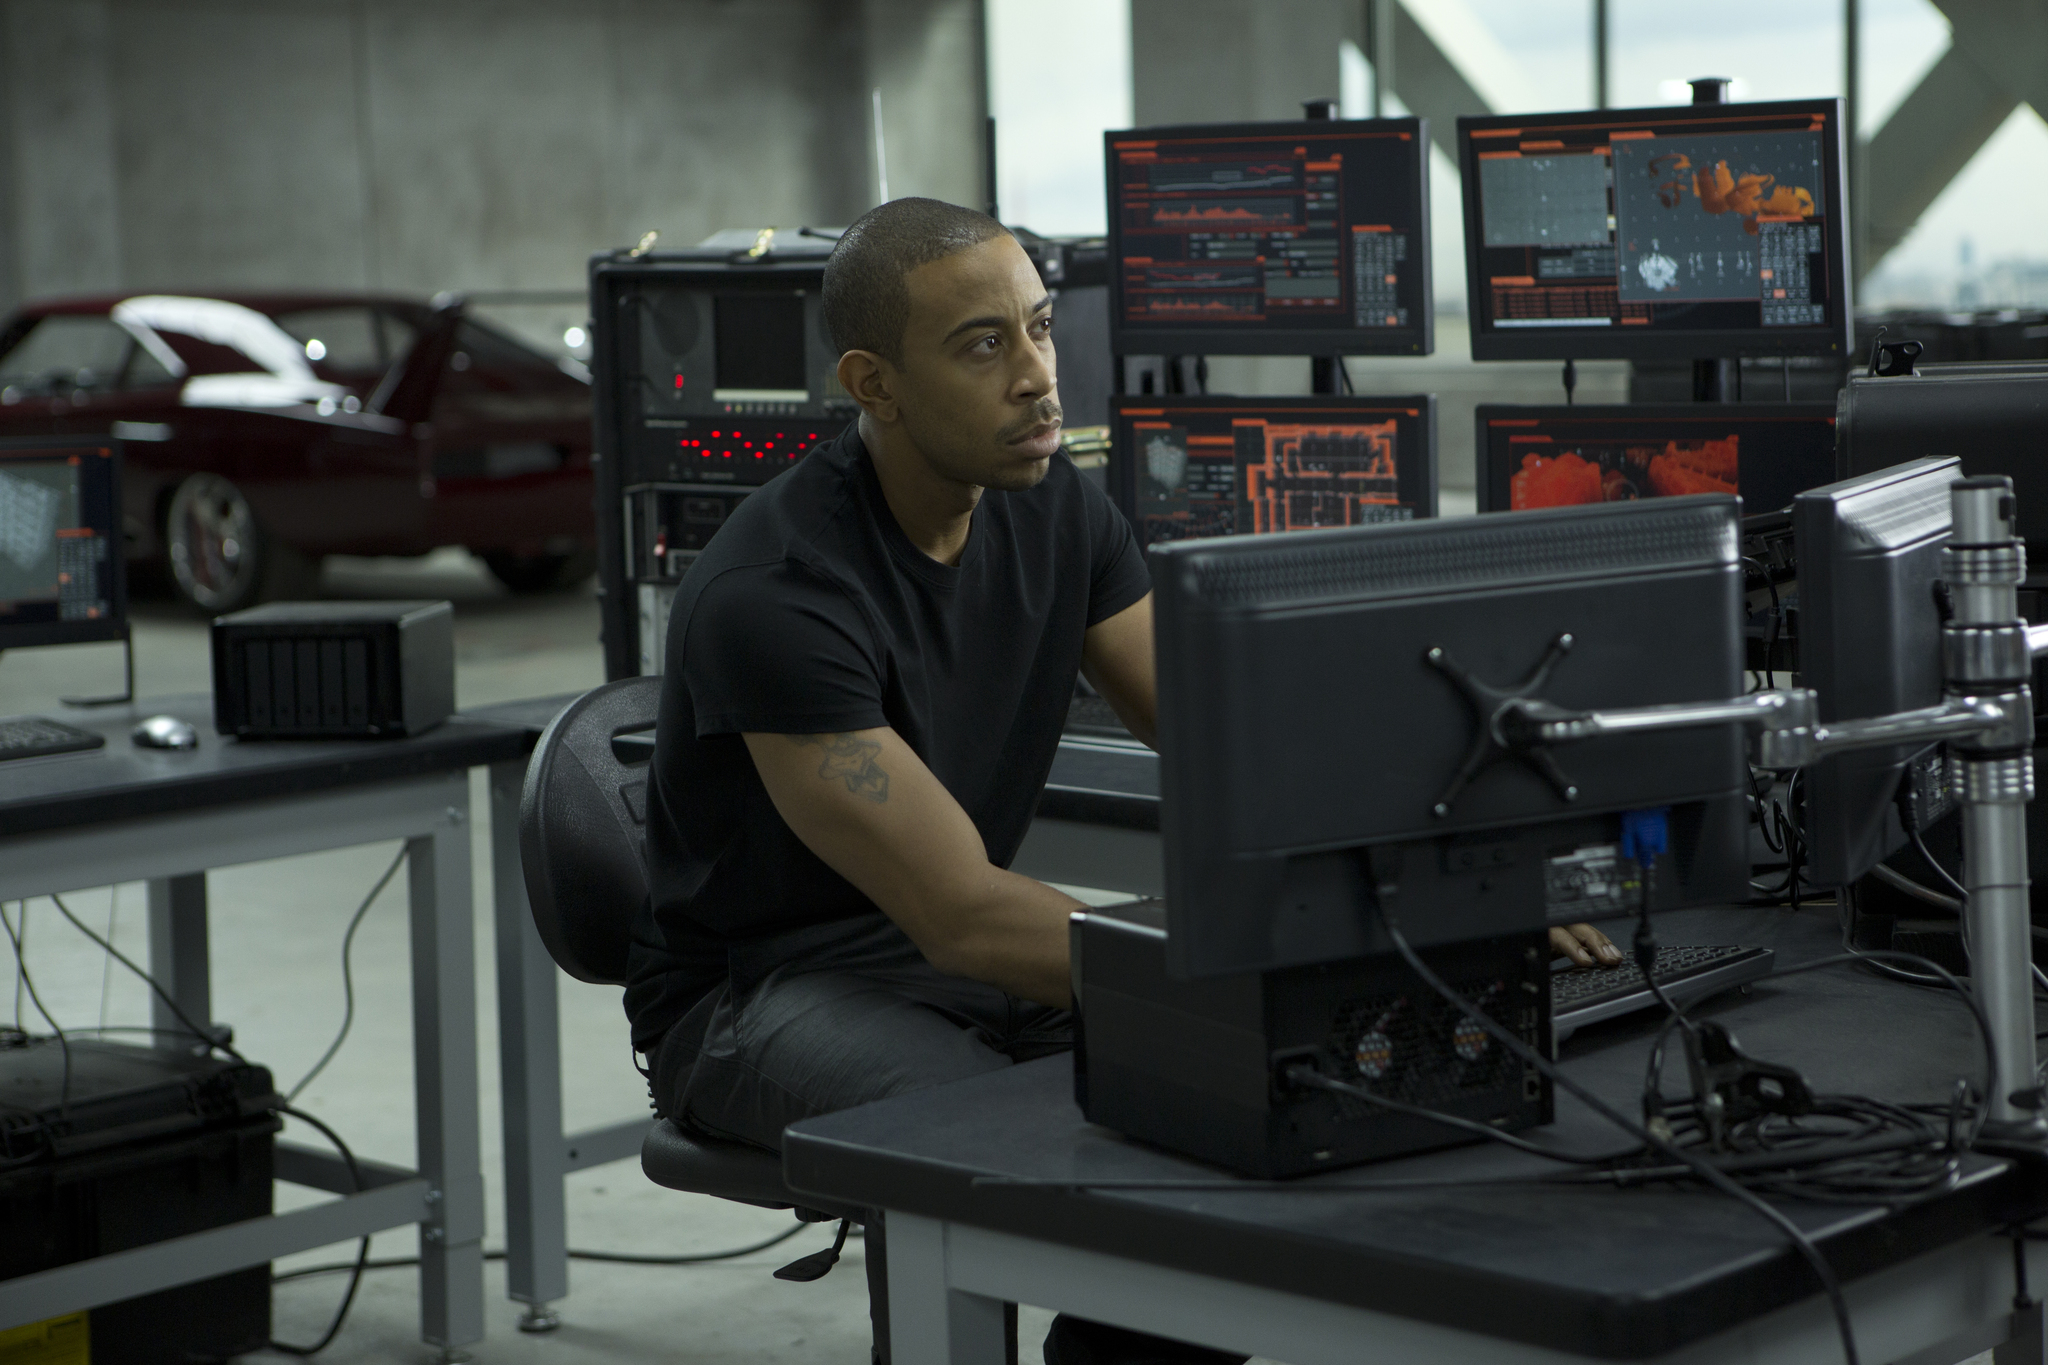 Ludacris in Furious 6 (2013)